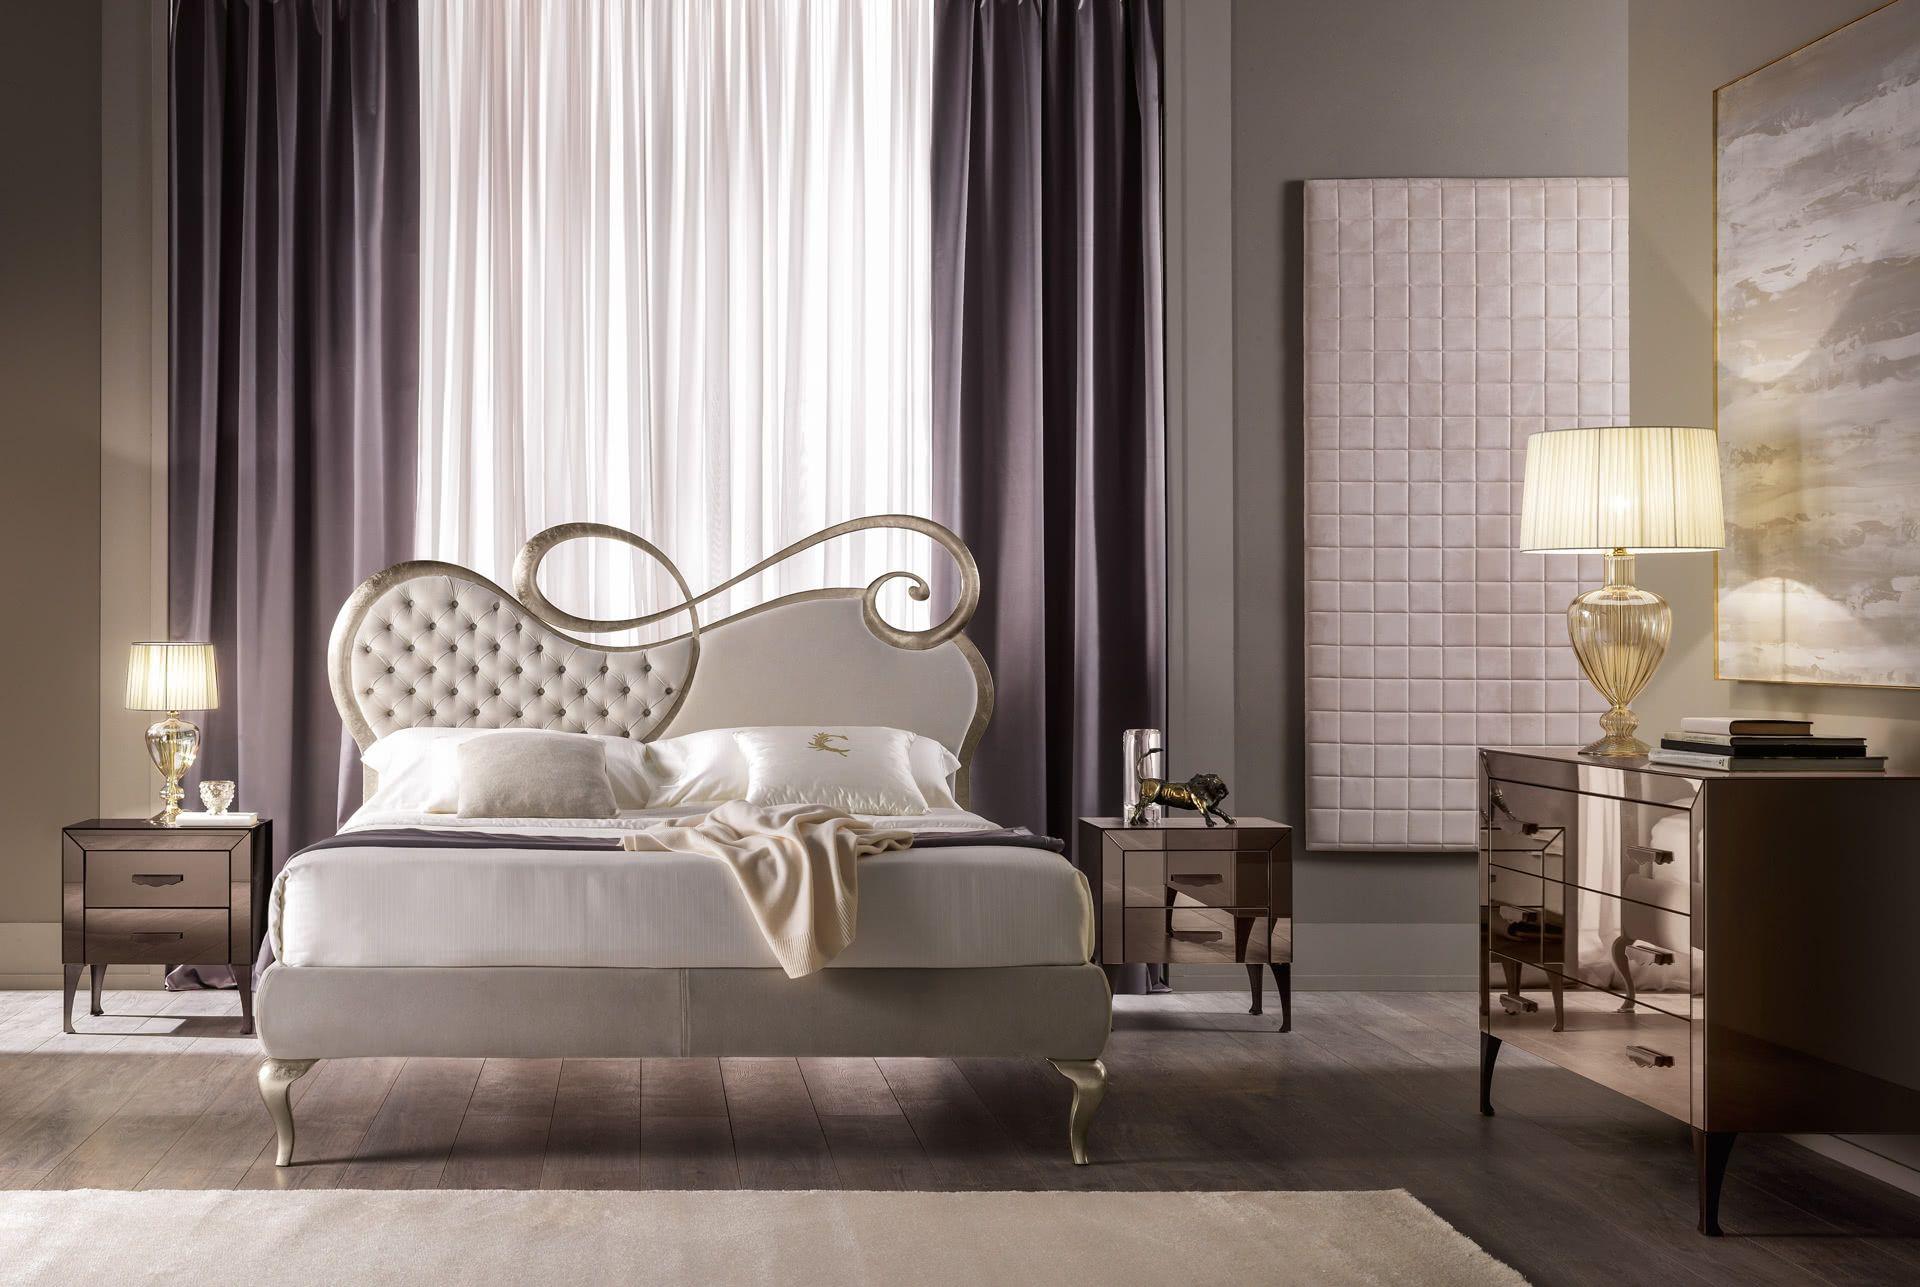 Cantori Camere Da Letto.Chopin Bed Cantori Furnishings Nel 2019 Stanza Da